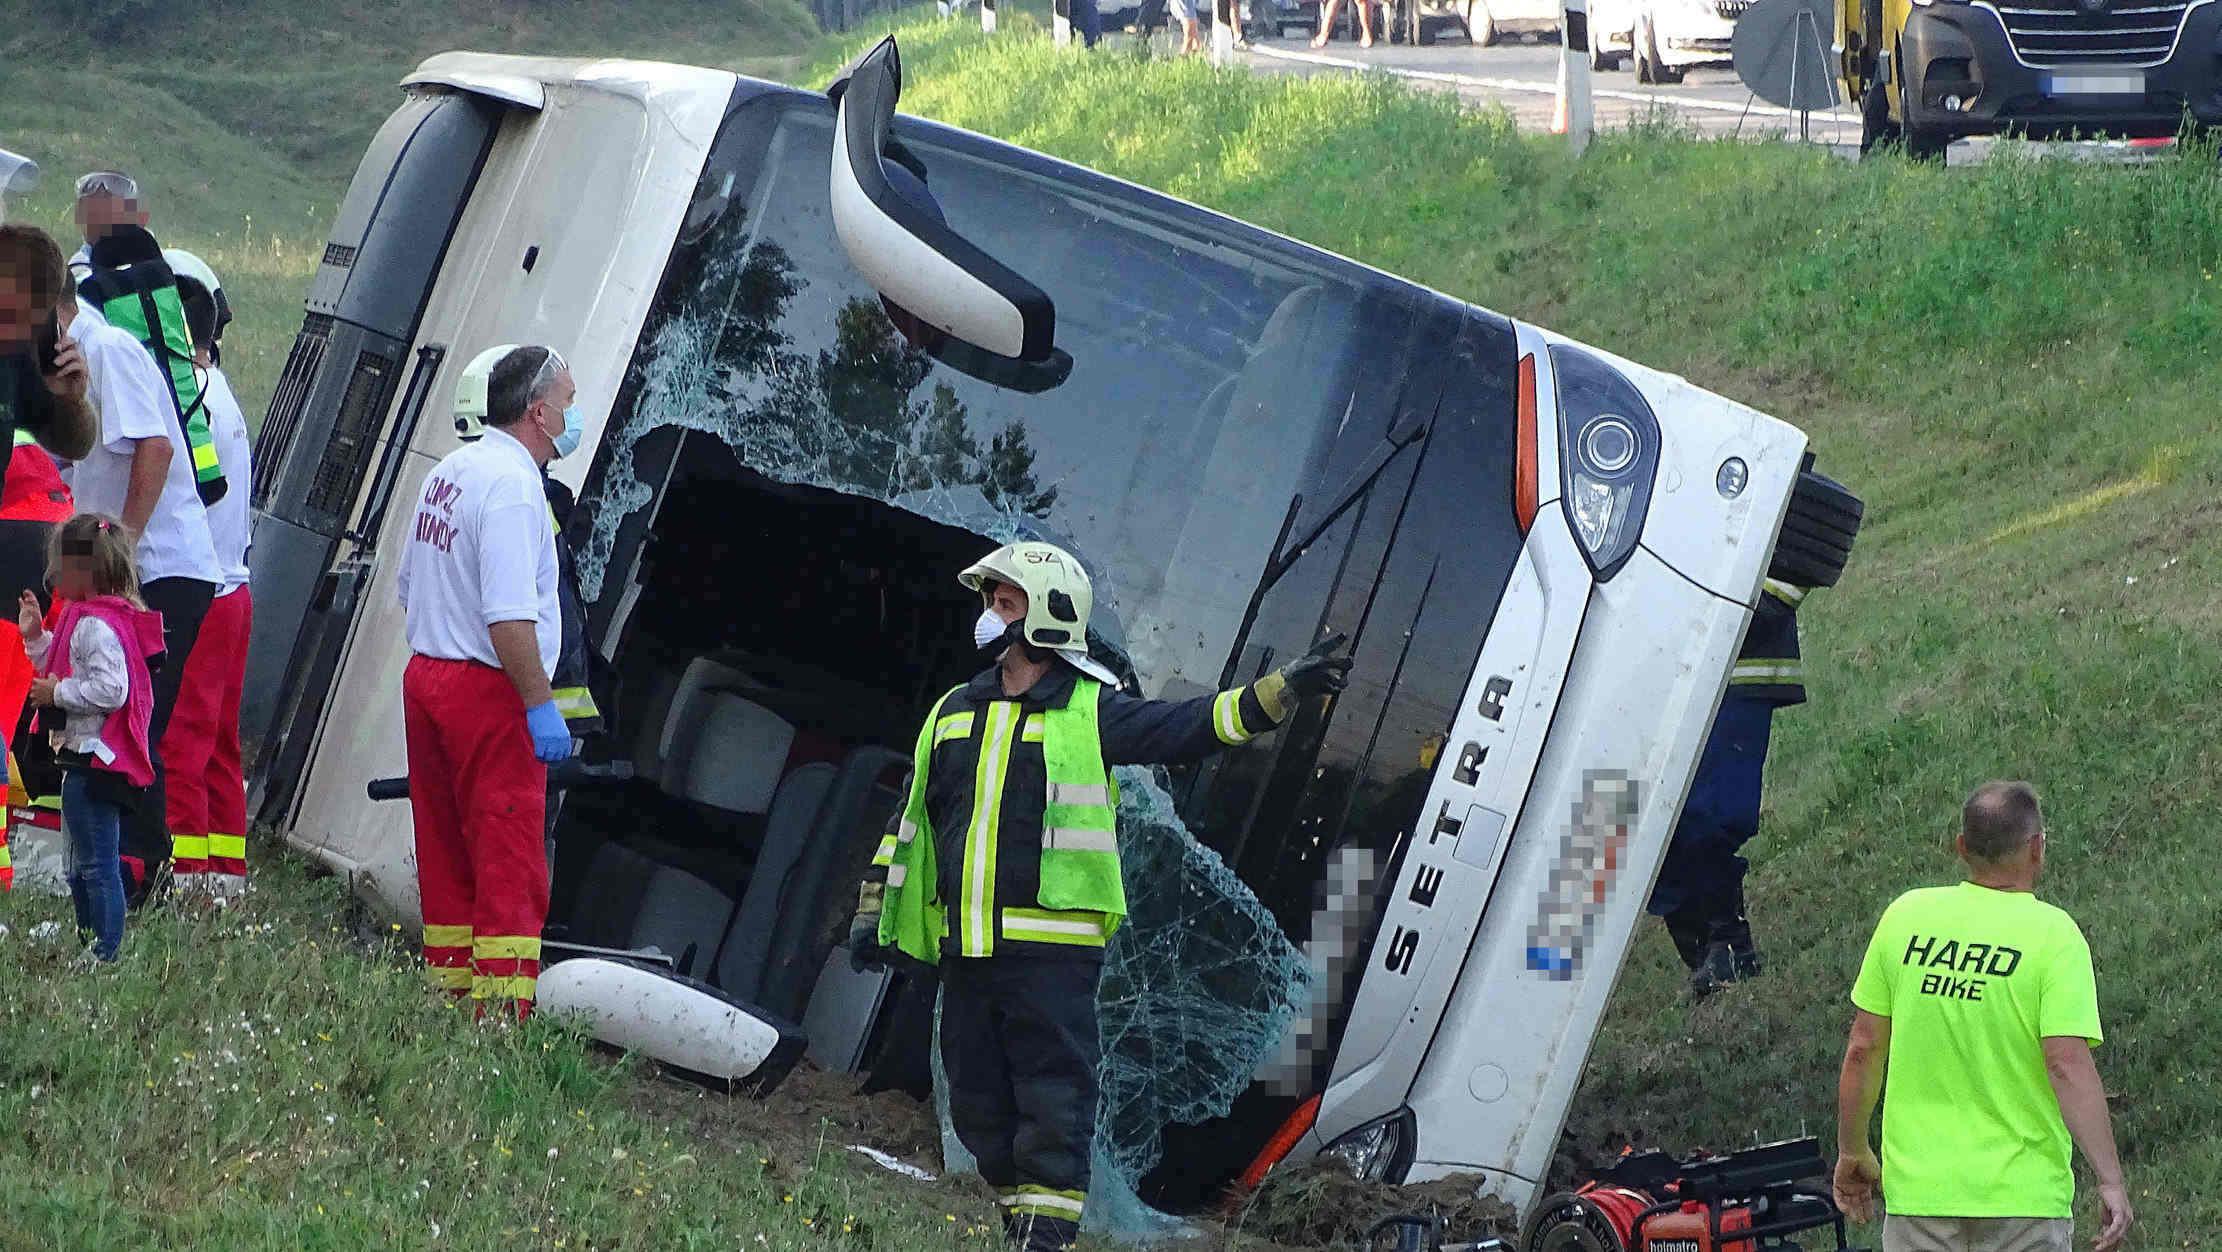 tragédie de bus en Hongrie